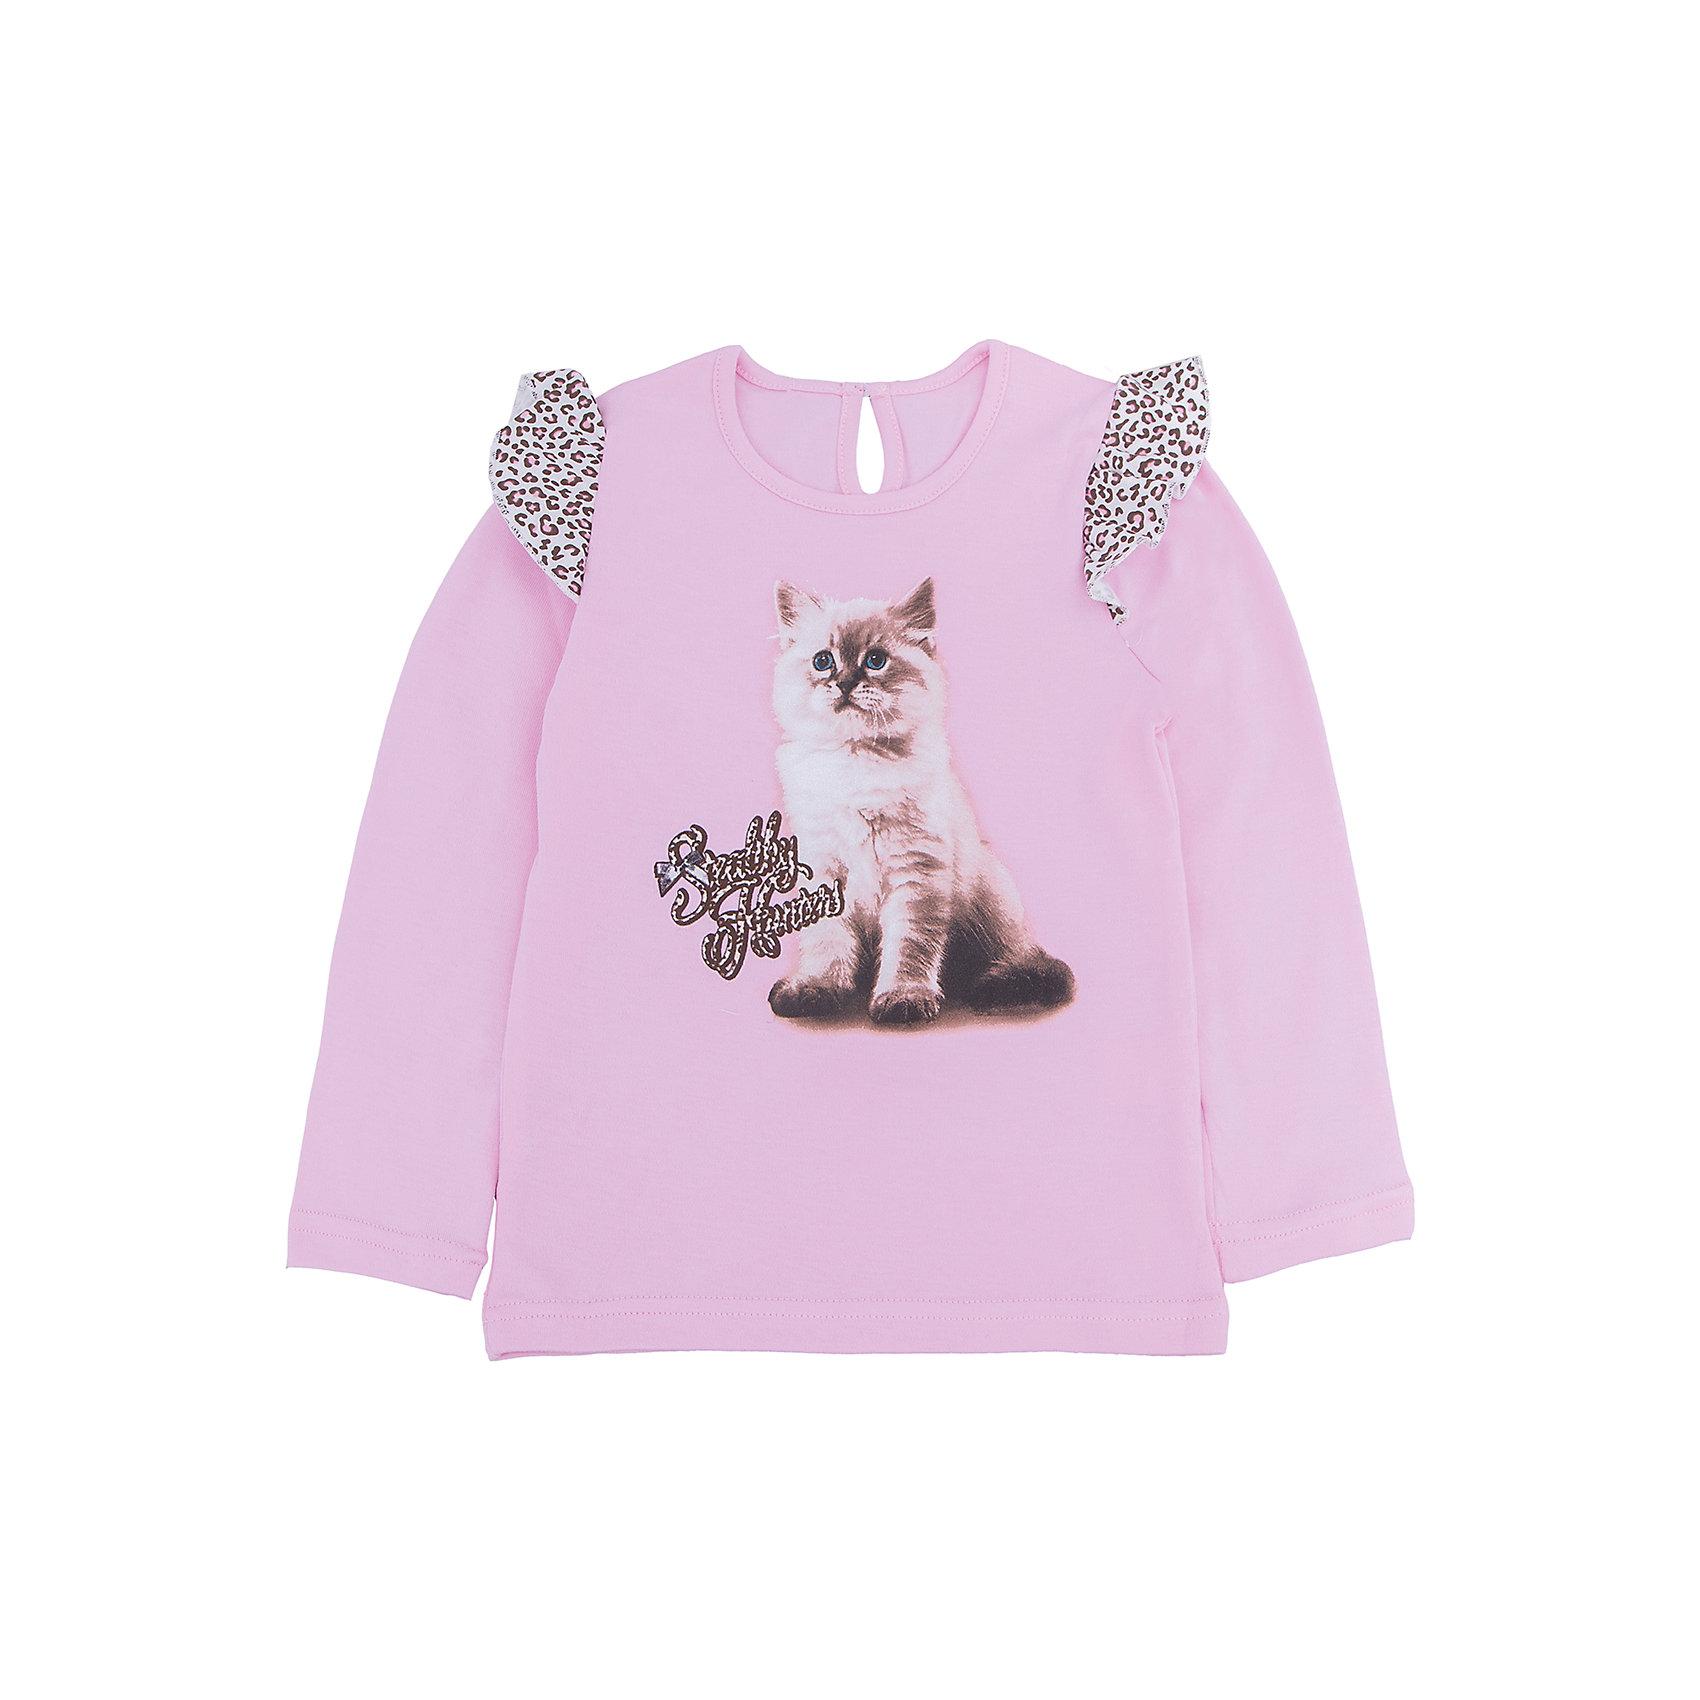 Футболка с длинным рукавом для девочки АпрельФутболка с длинным рукавом для девочки Апрель.<br><br>Характеристики:<br>• состав: 100% хлопок<br>• цвет: розовый<br>• коллекция: Забавные котята<br><br>Очаровательная футболка из коллекции Забавные котята (Апрель) изготовлена из стопроцентного хлопкового полотна. Она имеет круглый ворот, длинный рукав и расширенный к низу силуэт. Сзади модель застегивается на пуговицу. Футболка розового цвета украшена леопардовыми рюшами на рукавах. Спереди модель декорирована принтом с милым котенком. Эта футболка придется по вкусу начинающей моднице!<br><br>Футболку с длинным рукавом Апрель можно купить в нашем интернет-магазине.<br><br>Ширина мм: 230<br>Глубина мм: 40<br>Высота мм: 220<br>Вес г: 250<br>Цвет: розовый<br>Возраст от месяцев: 60<br>Возраст до месяцев: 72<br>Пол: Женский<br>Возраст: Детский<br>Размер: 116,110,98,92,86,104<br>SKU: 5006832